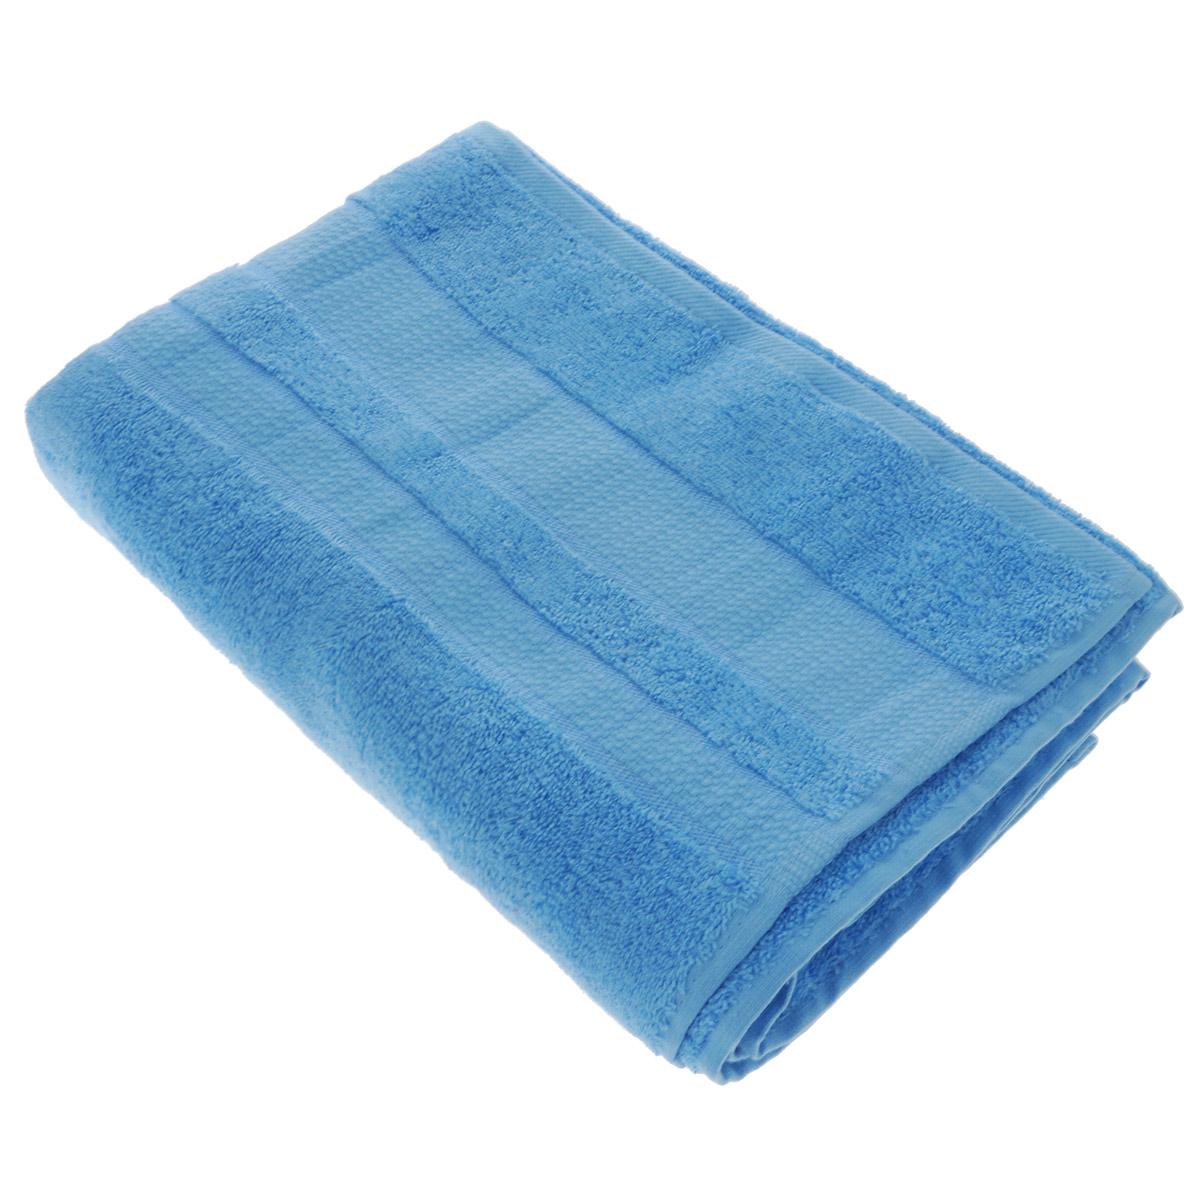 Полотенце махровое Osborn Textile, цвет: голубой, 70 см х 140 смУзТ-МПБ-004-02-06В состав полотенца Osborn Textile входит только натуральное волокно - хлопок. Лаконичные бордюры подойдут для любого интерьера ванной комнаты. Полотенце прекрасно впитывает влагу и быстро сохнет. При соблюдении рекомендаций по уходу не линяет и не теряет форму даже после многократных стирок. Плотность: 450 г/м2.